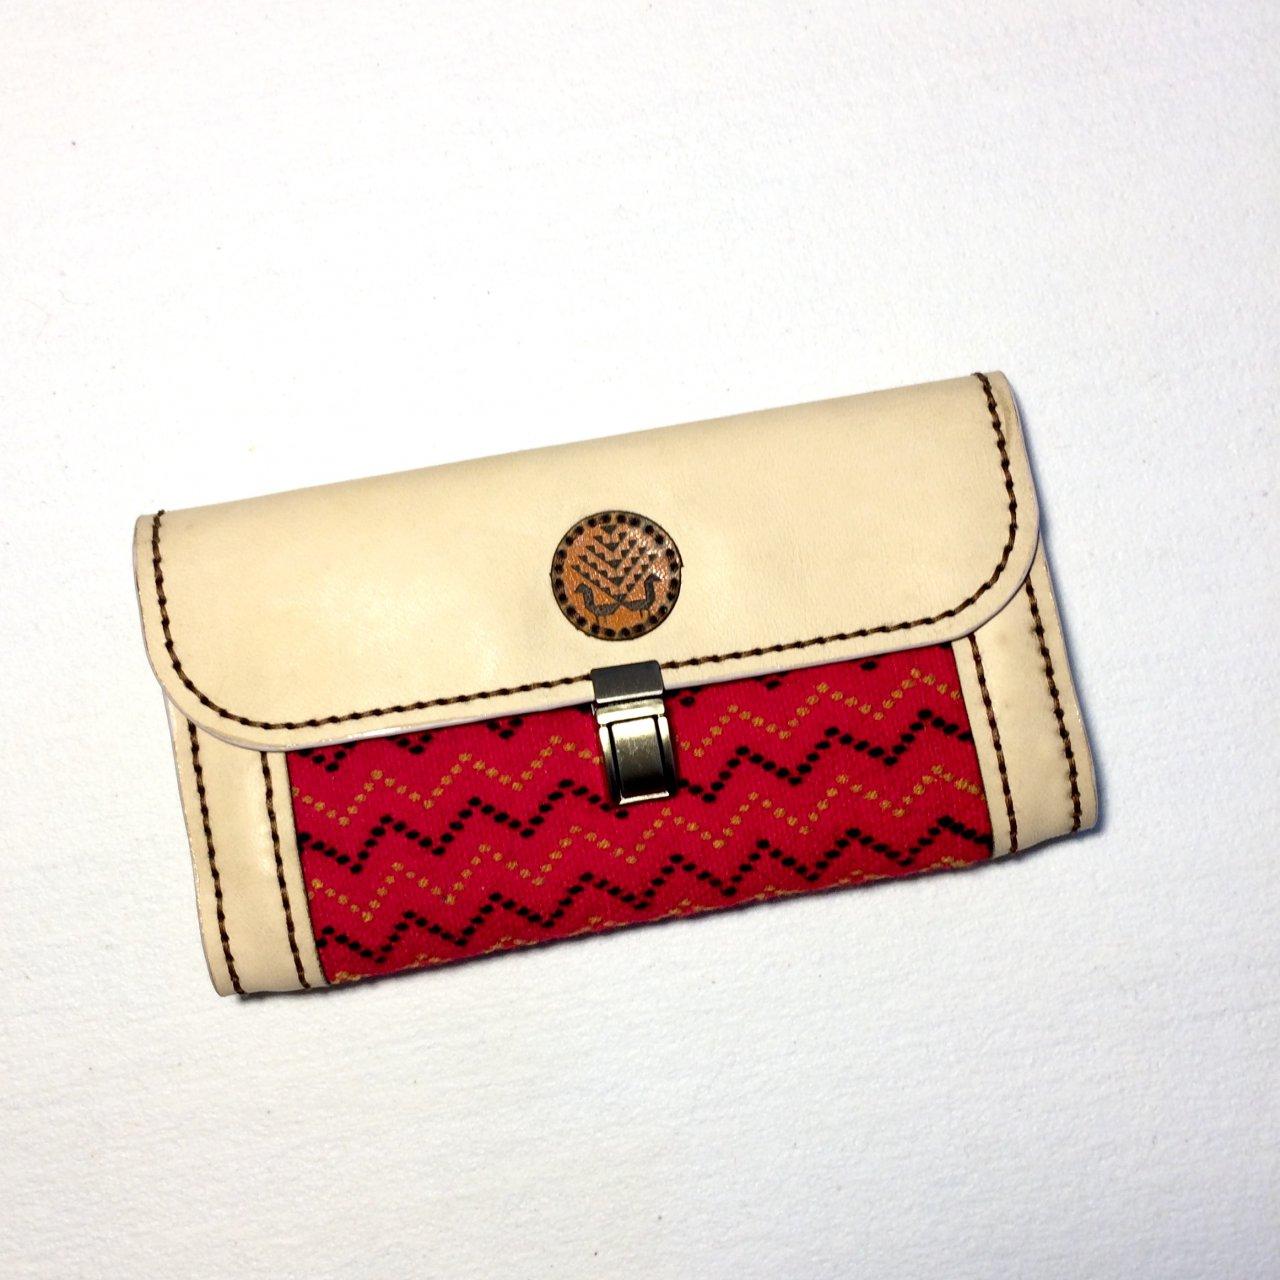 کیف پول زنانه با کد FW001